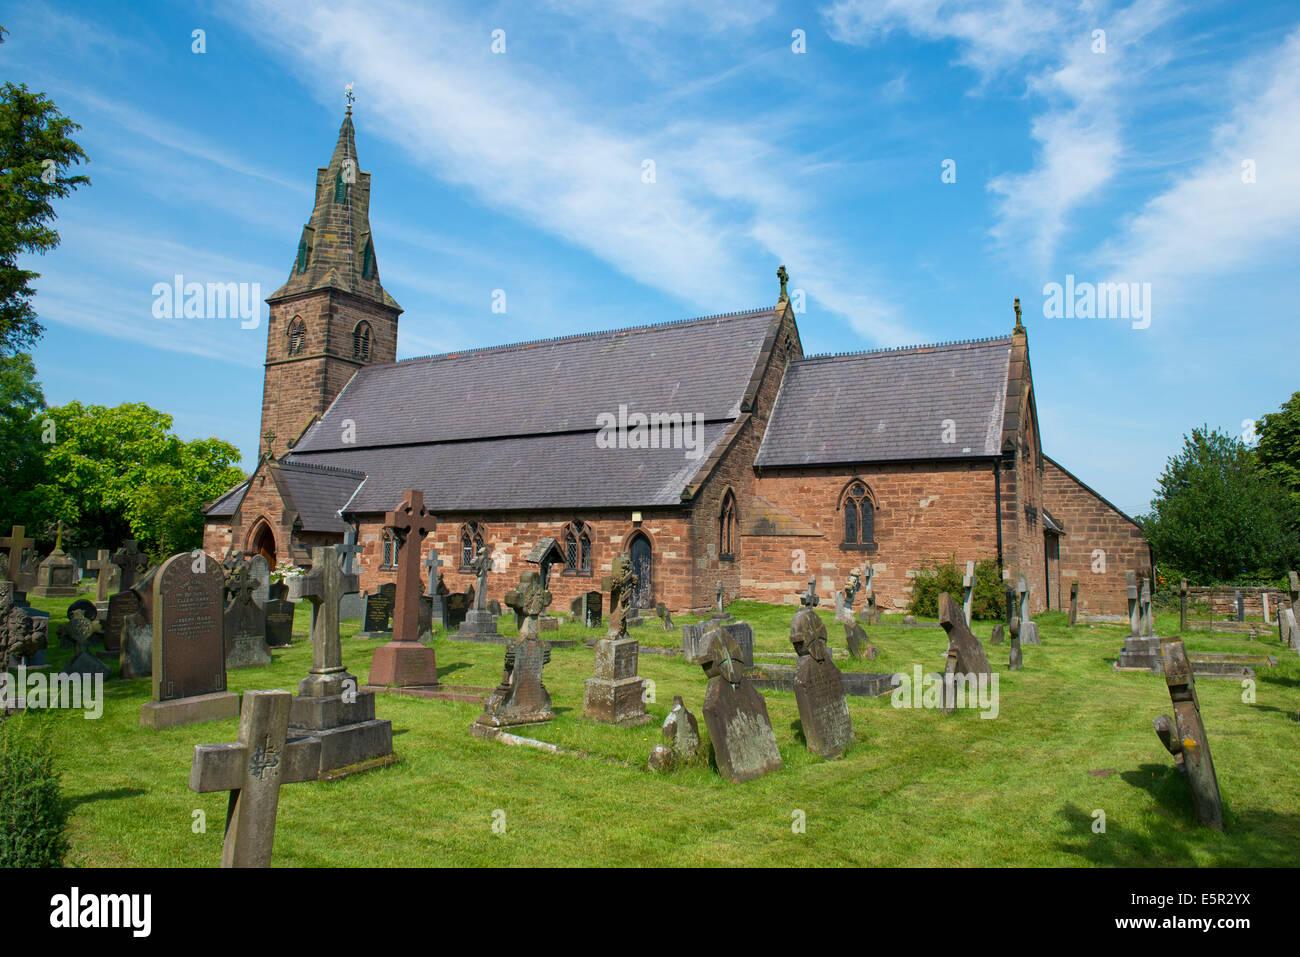 St Mary's Roman Catholic Church, Brewood, Shropshire, England Stock Photo